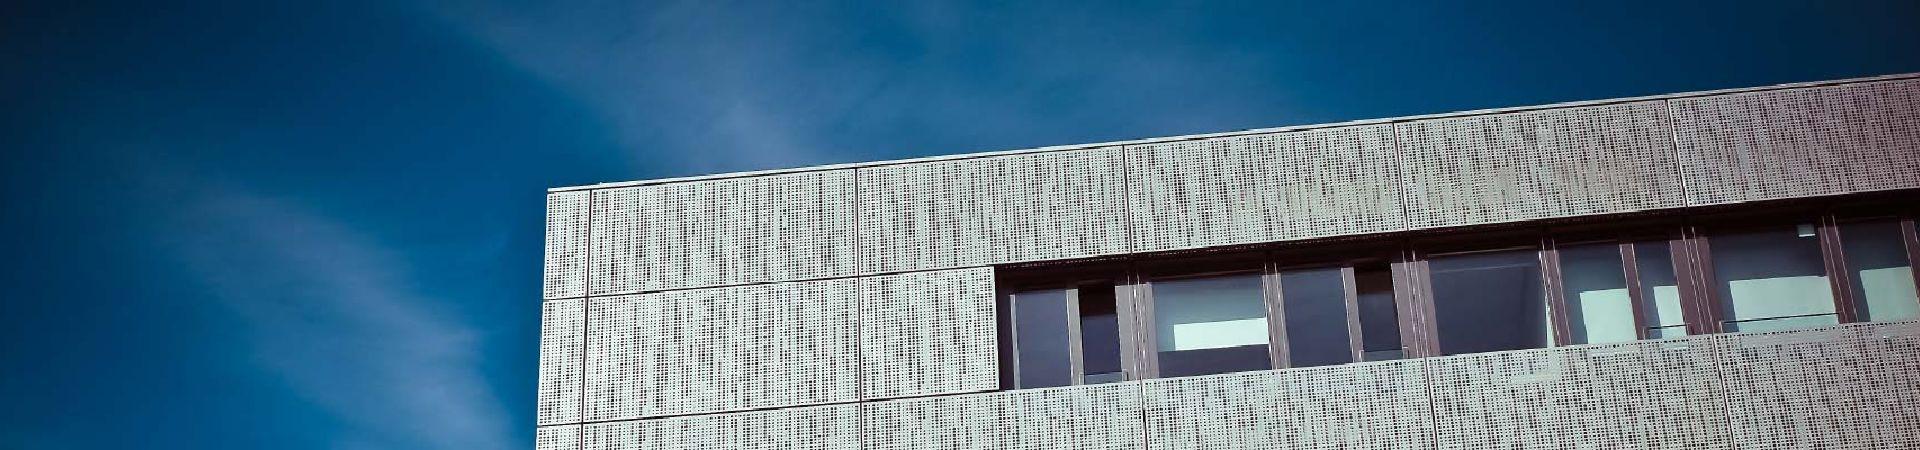 Ihr Partner bei der Hausverwaltung und Wertsteigerung Ihrer Immobilie